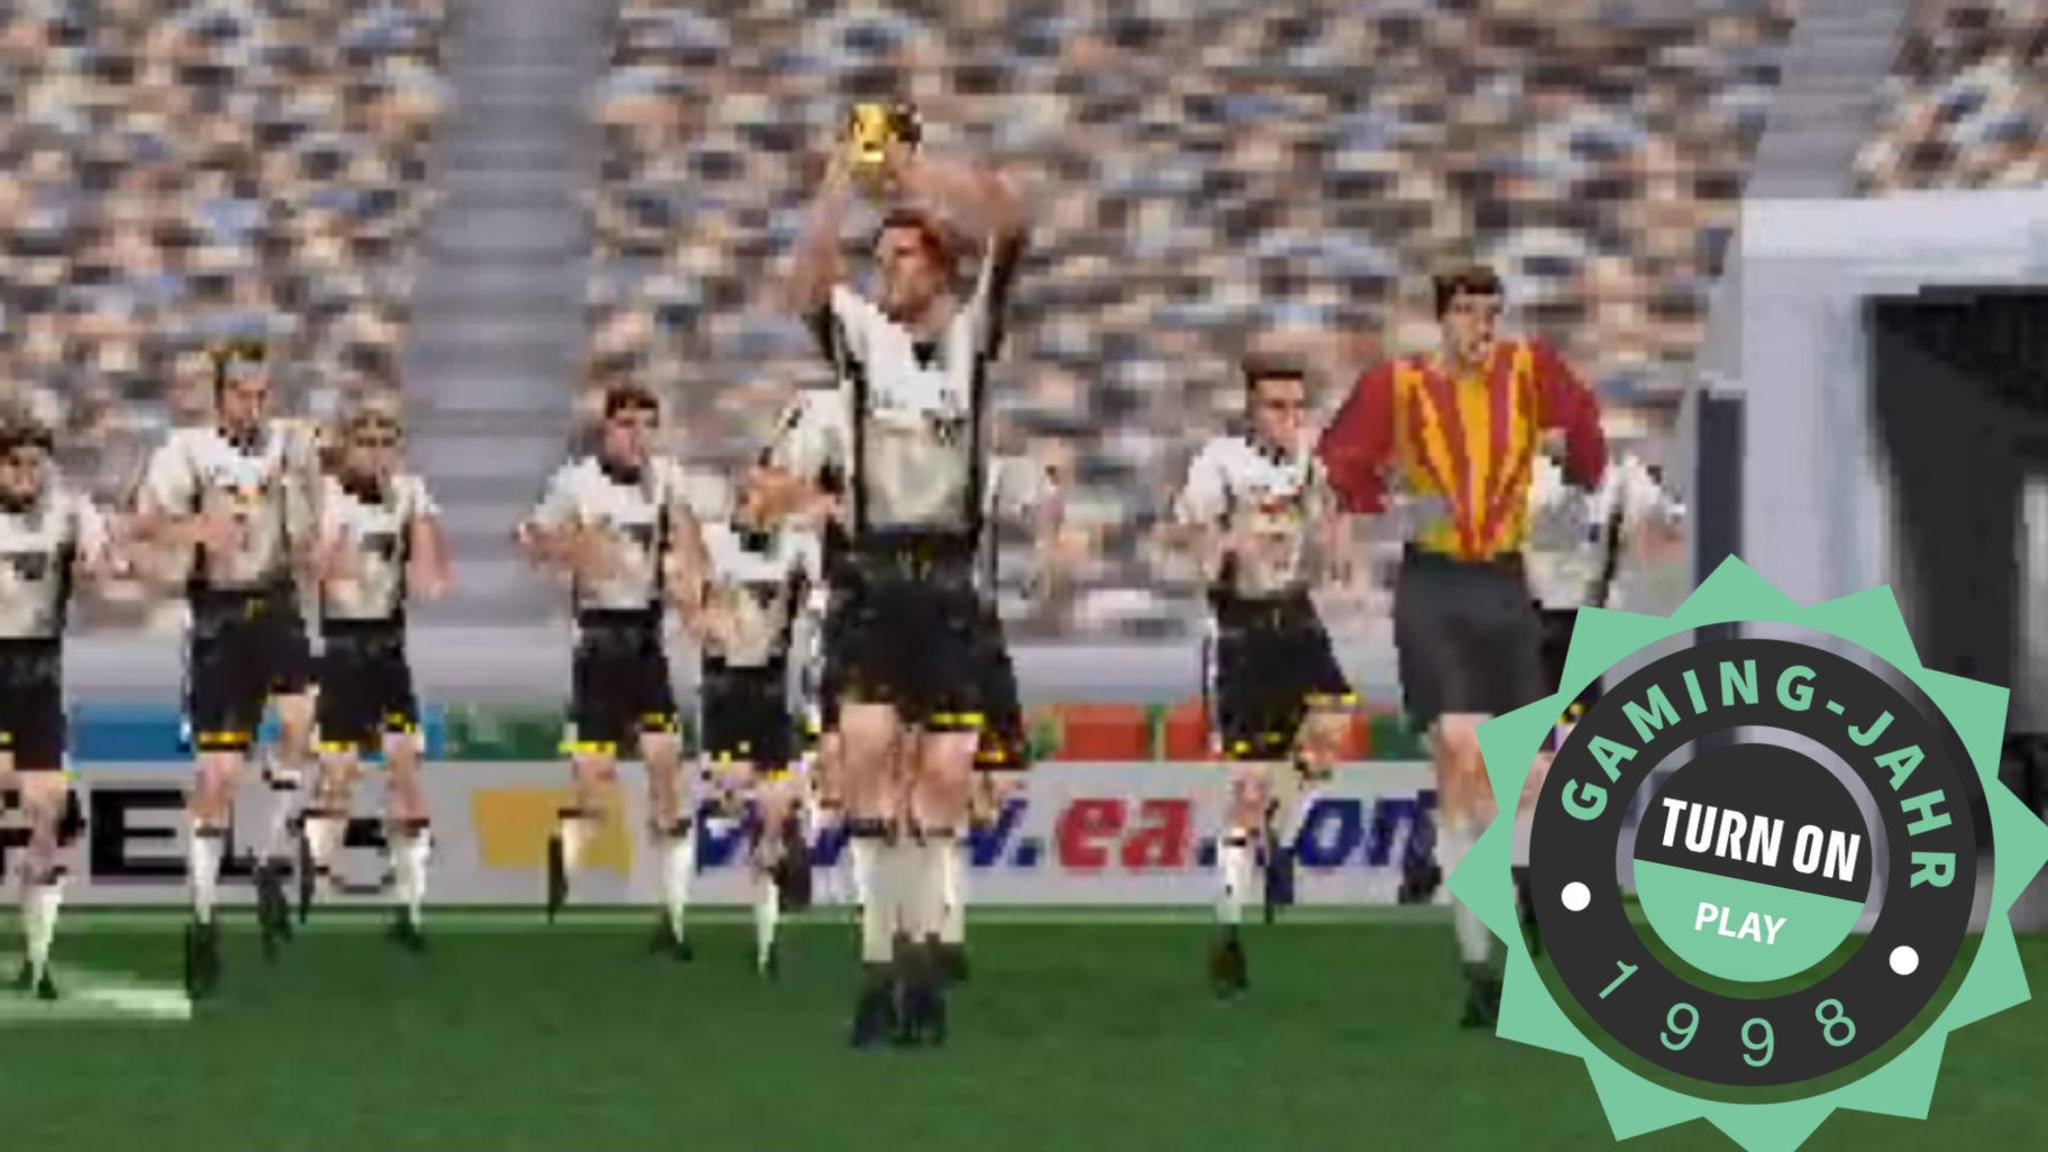 """Das waren noch Zeiten: """"Frankreich '98"""" war ein ganz besonderes Sportspiel."""